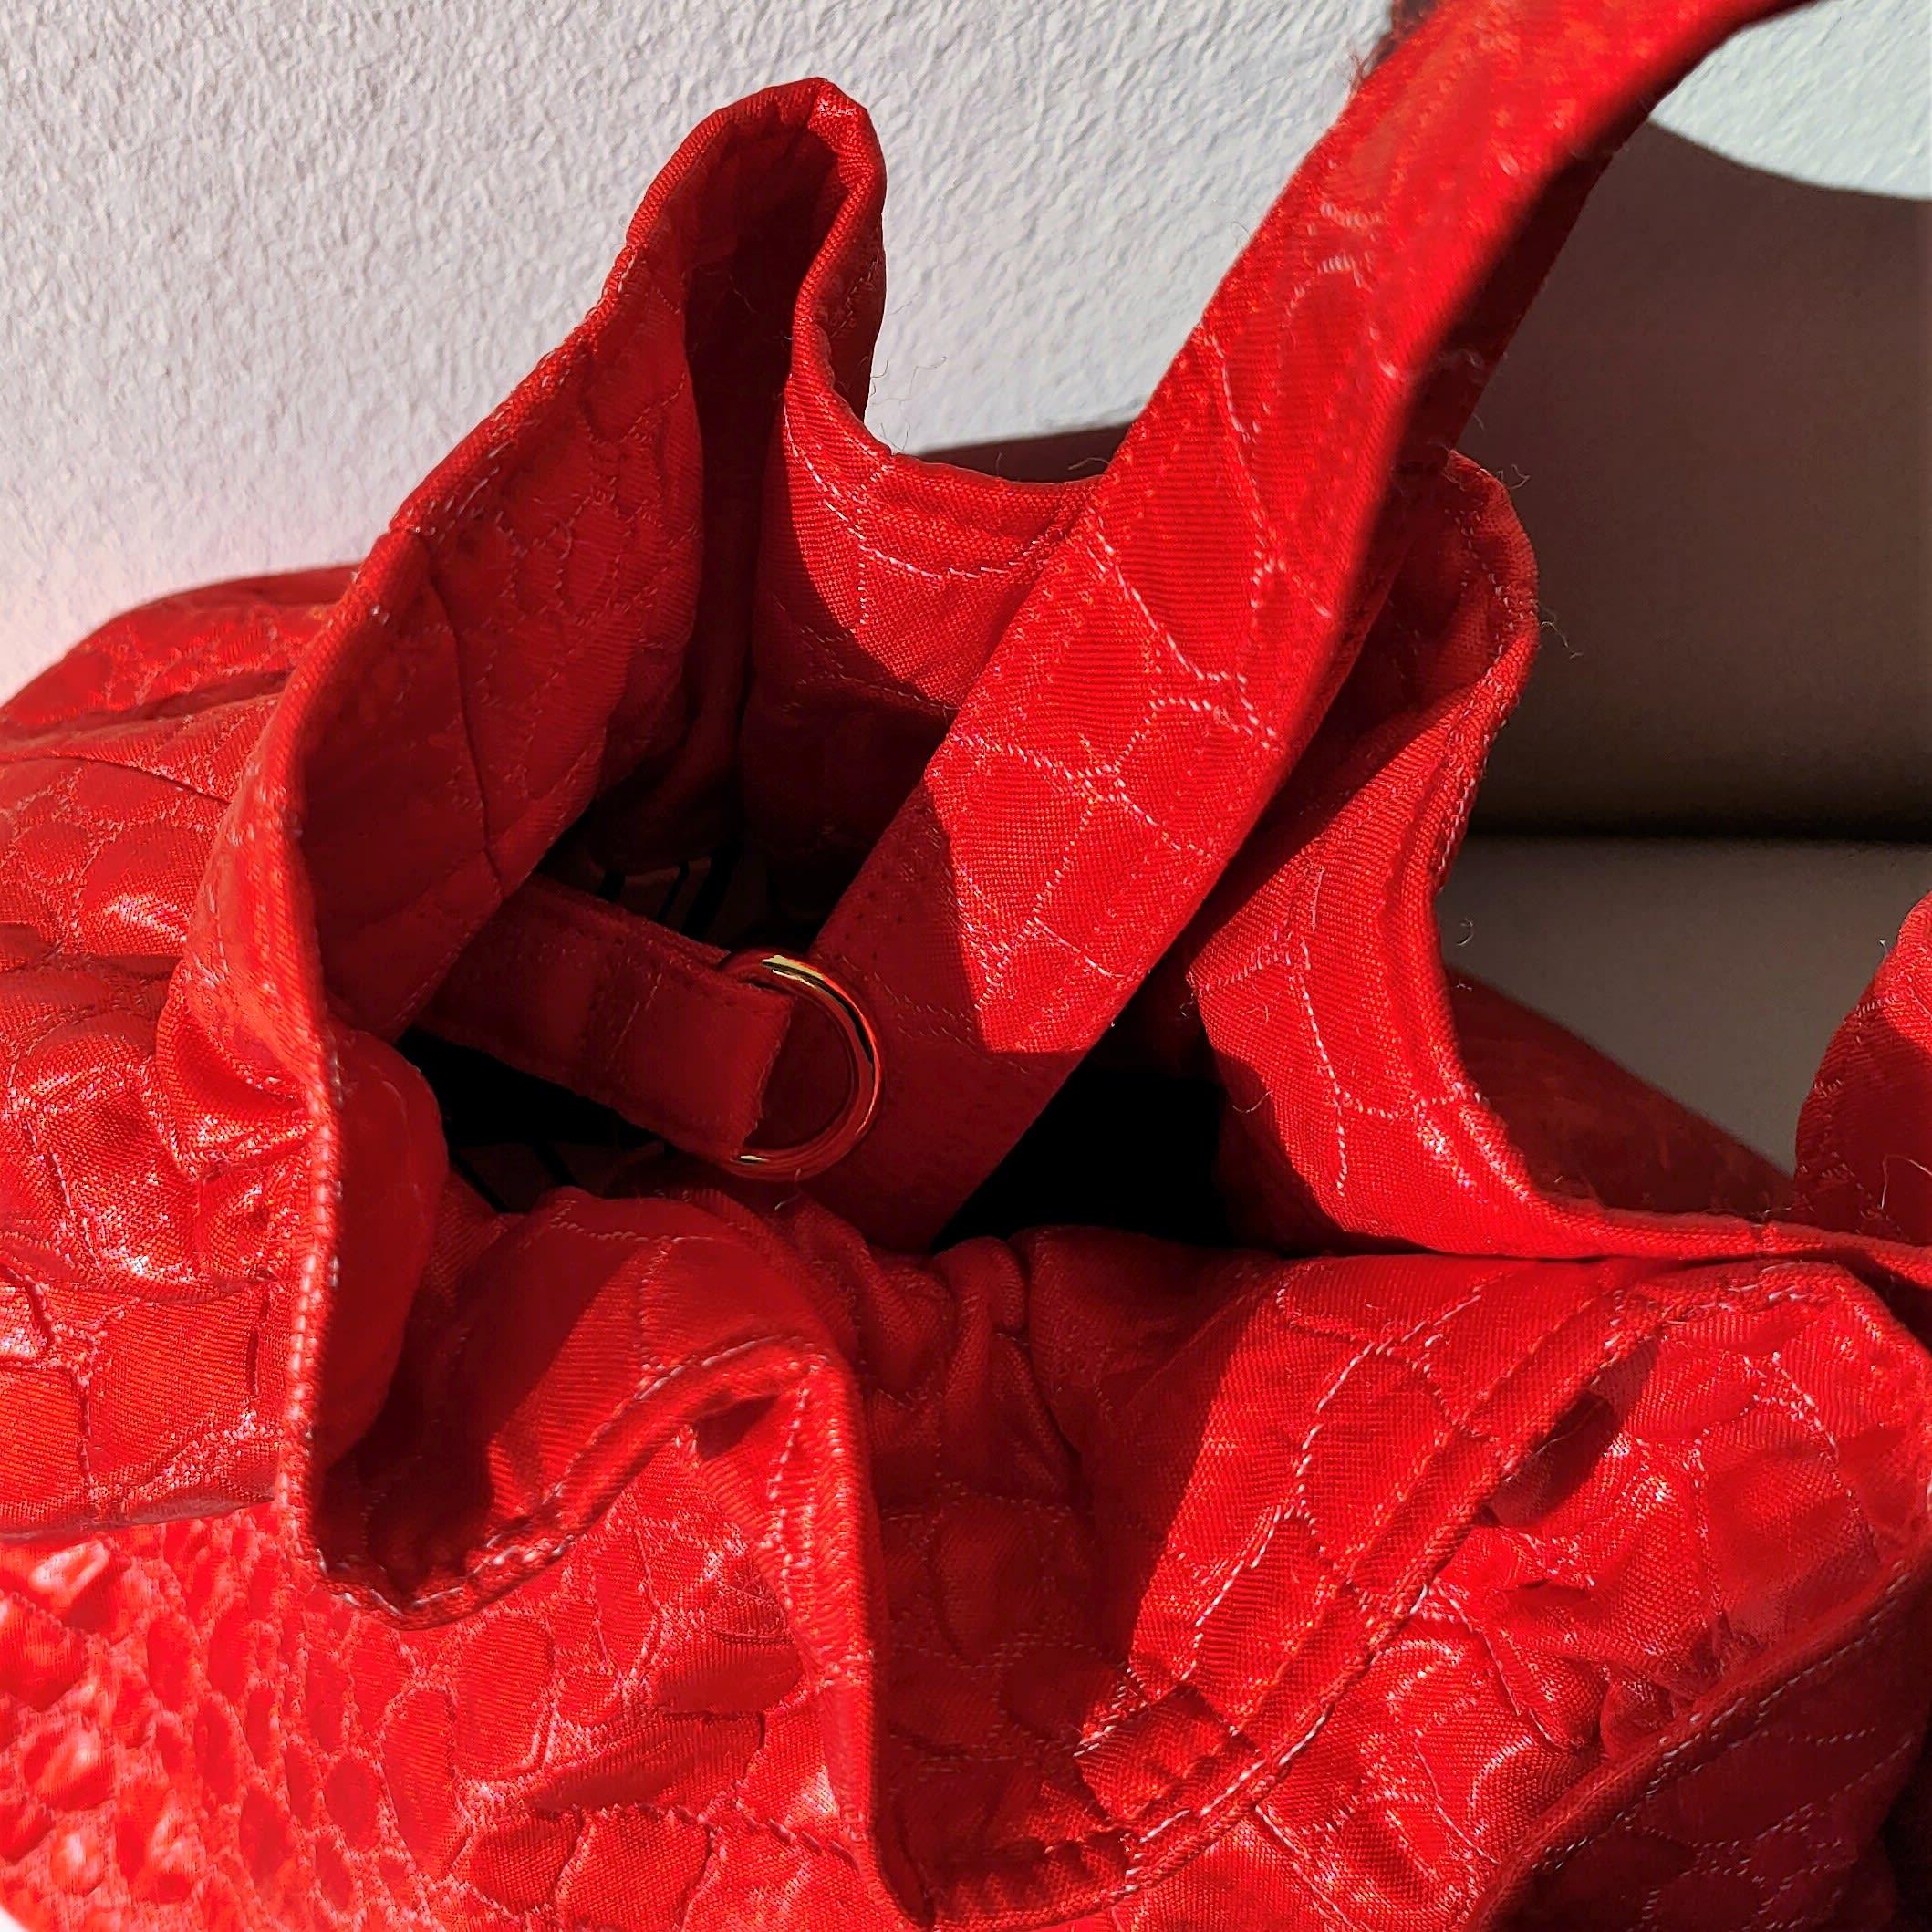 Petit sac à main croco rouge en tissu vintage style années 50. Sac à main lavable avec chaîne amovible, fait main